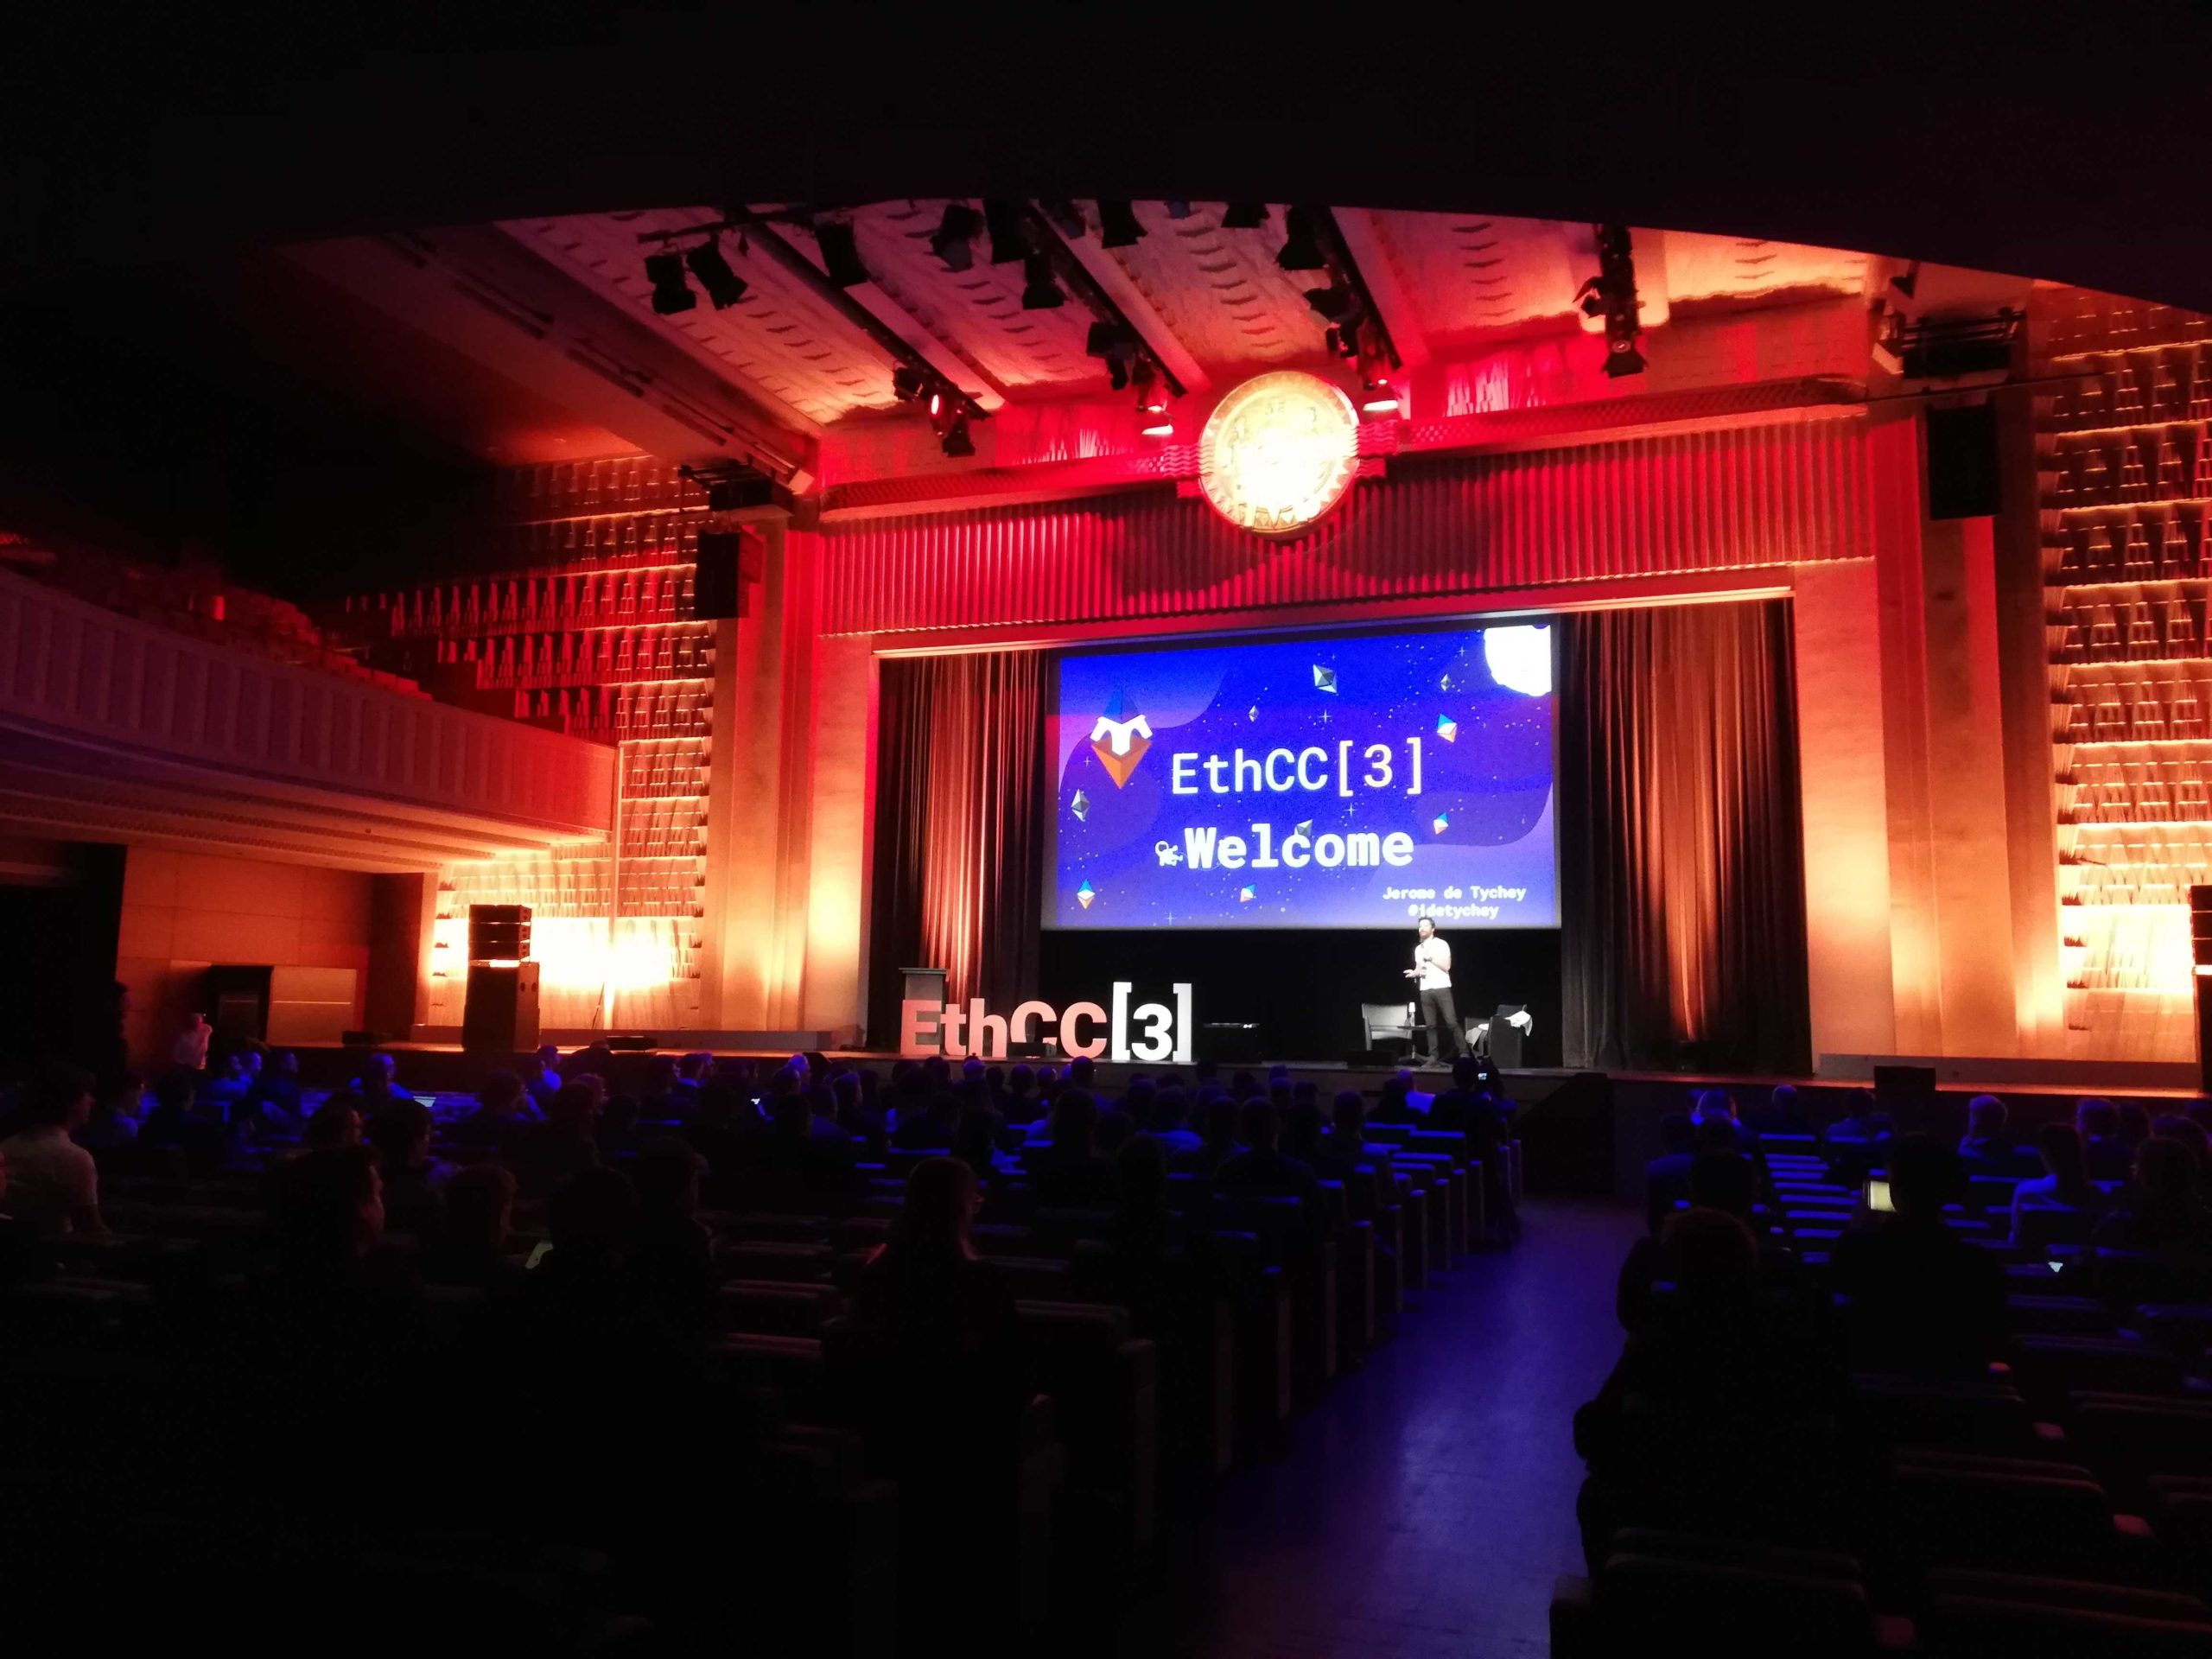 イーサリアムの世界最大級技術カンファレンス「EthCC2020」にクーガーの石黒一明が登壇しました